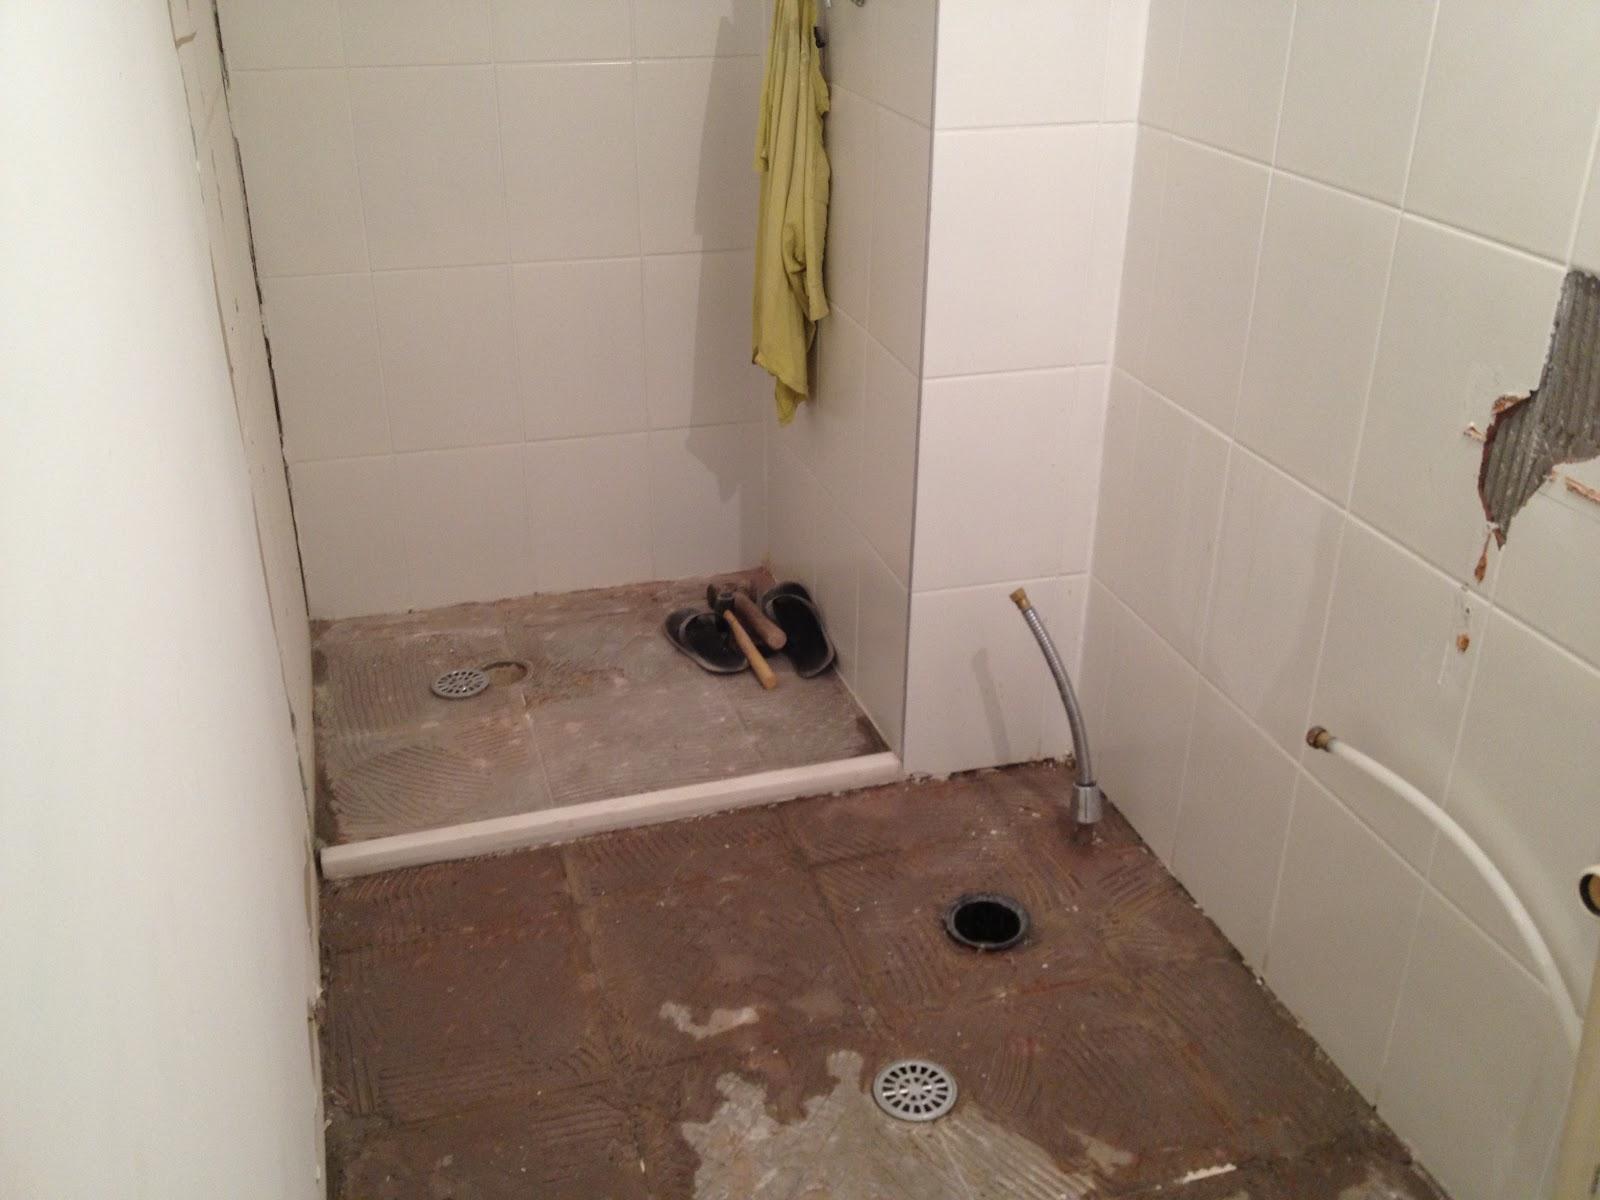 piso material do gesso mais gesso mais entulho banheiro social #634739 1600 1200